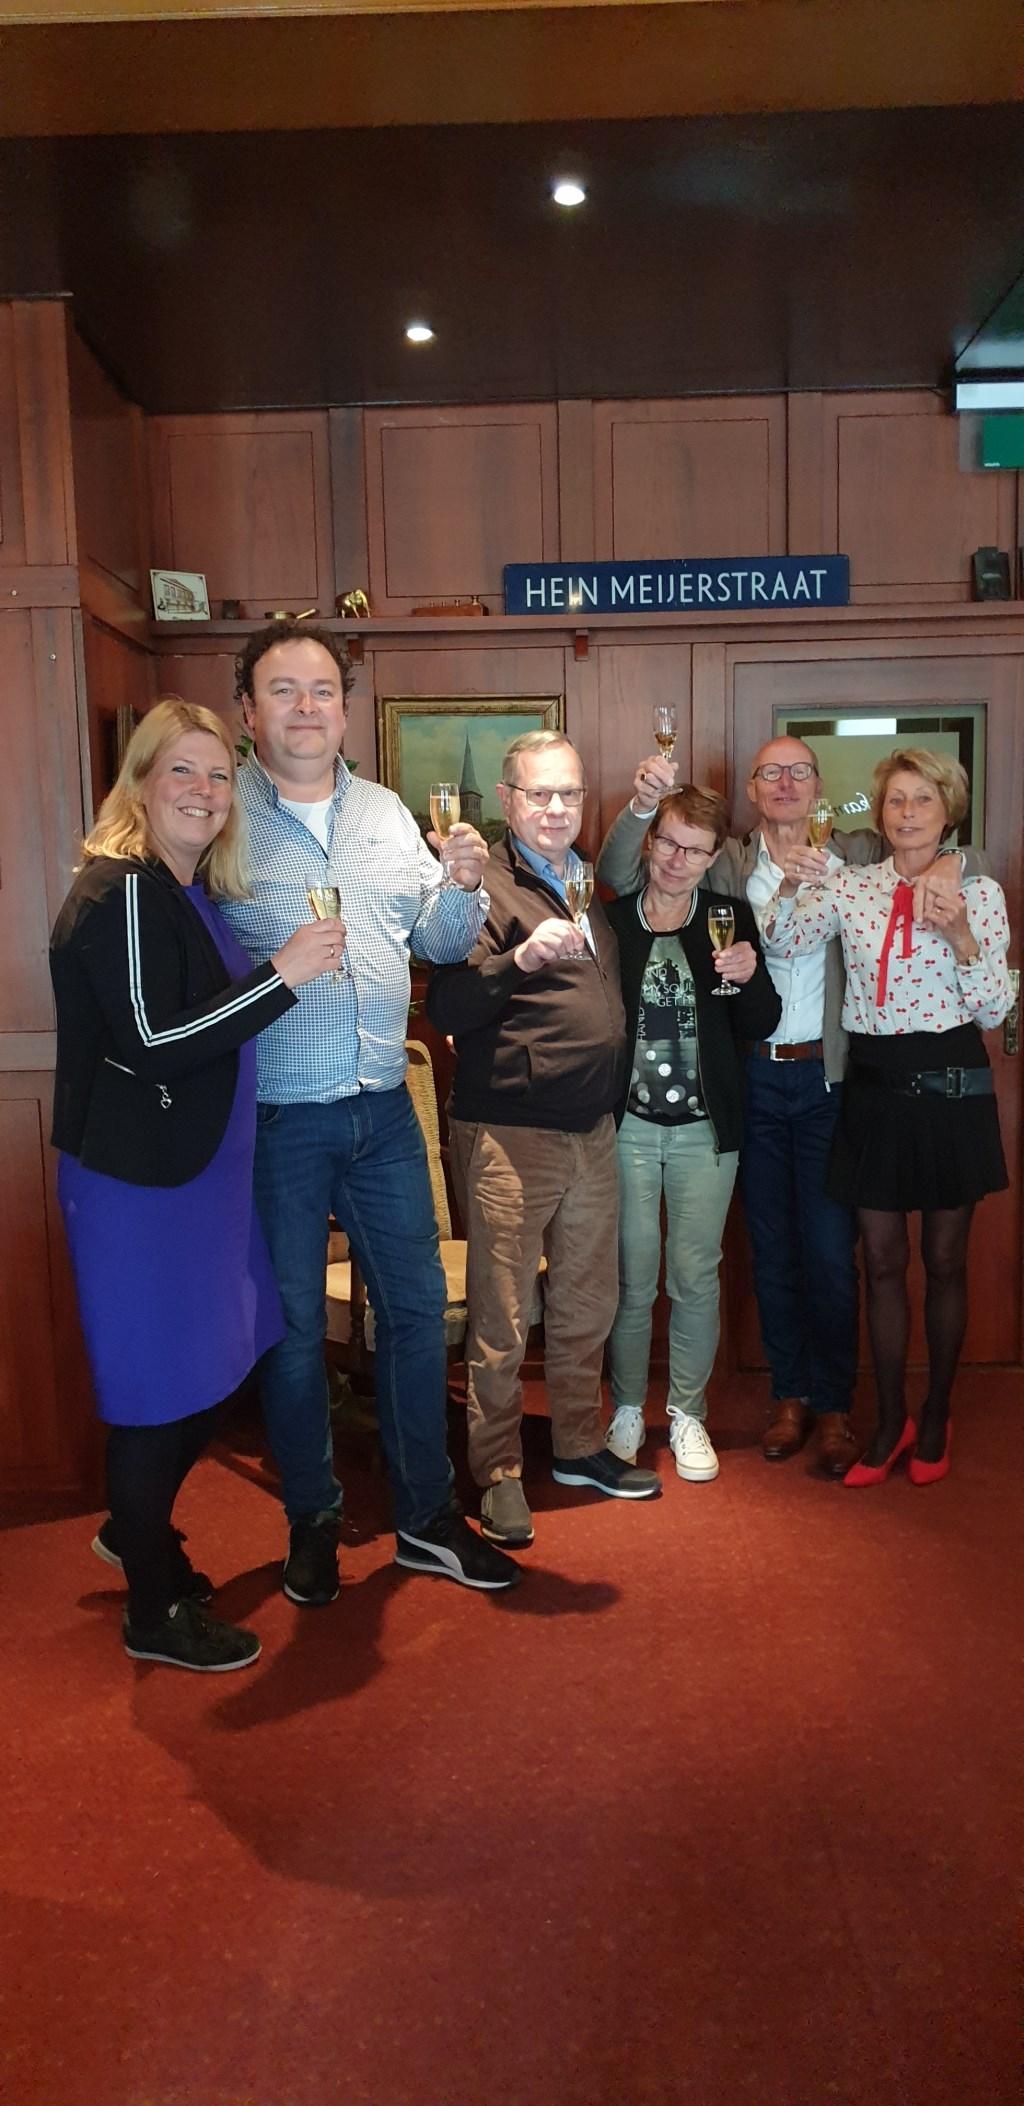 Vlnr. Mariël en Barry Reijrink, Gerard en Annemarie Jongerius, Hein en Wiljo Nijenhuis. Foto: PR